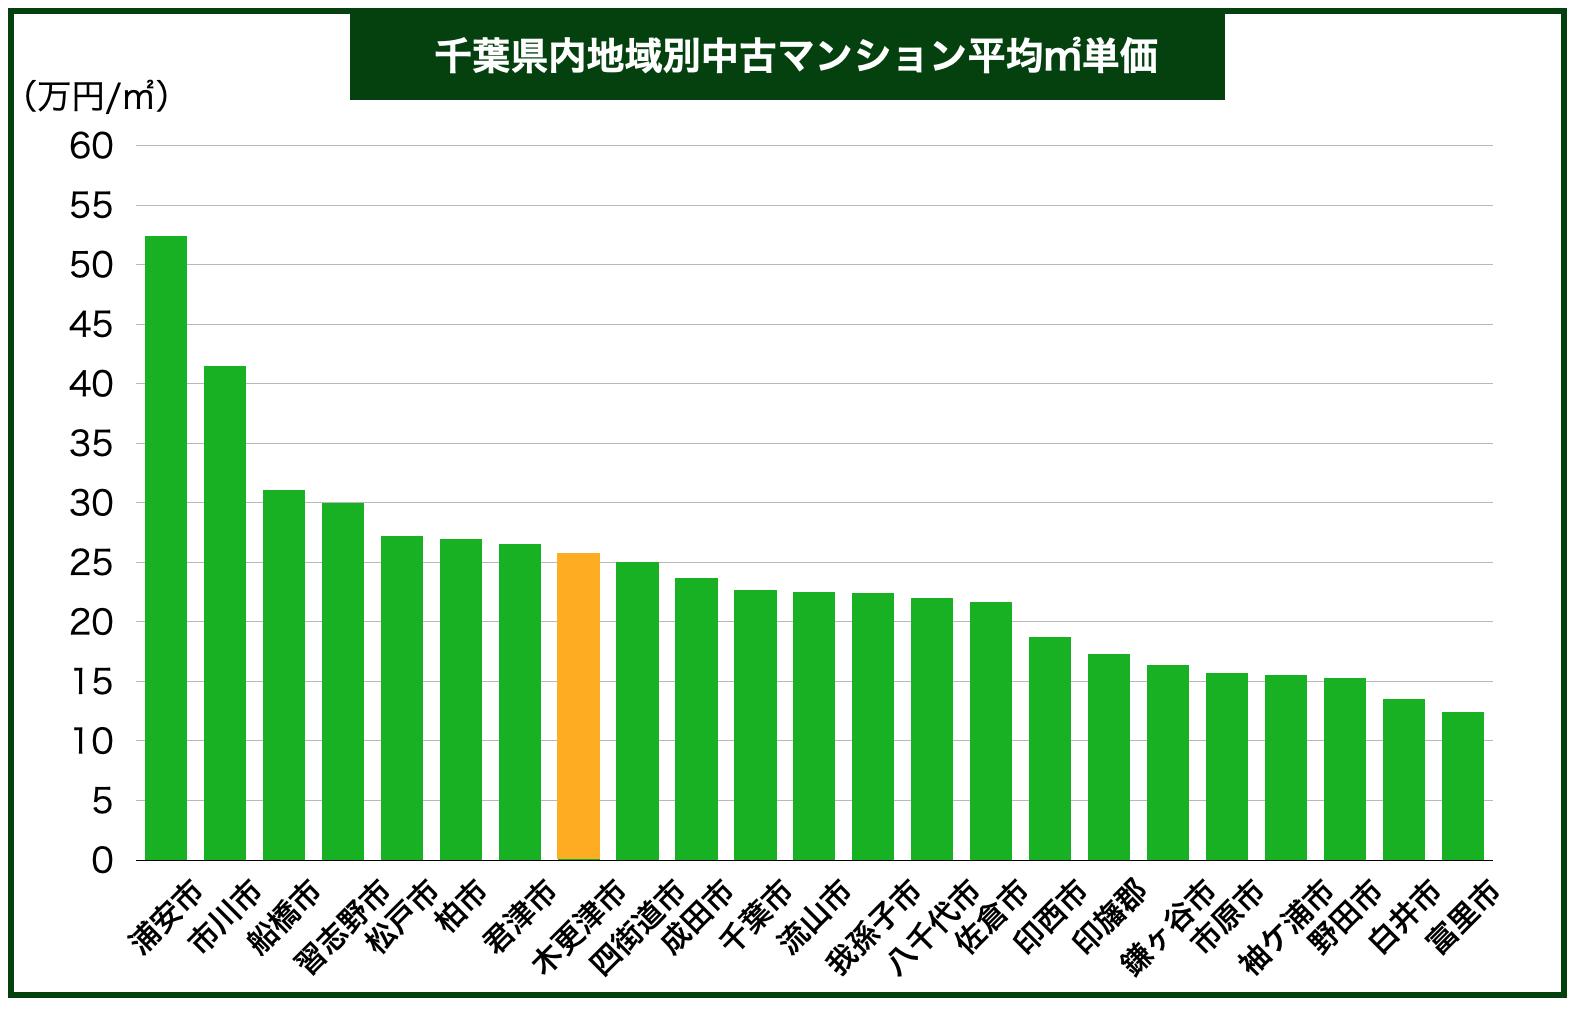 千葉県地域別中古マンション平均㎡単価